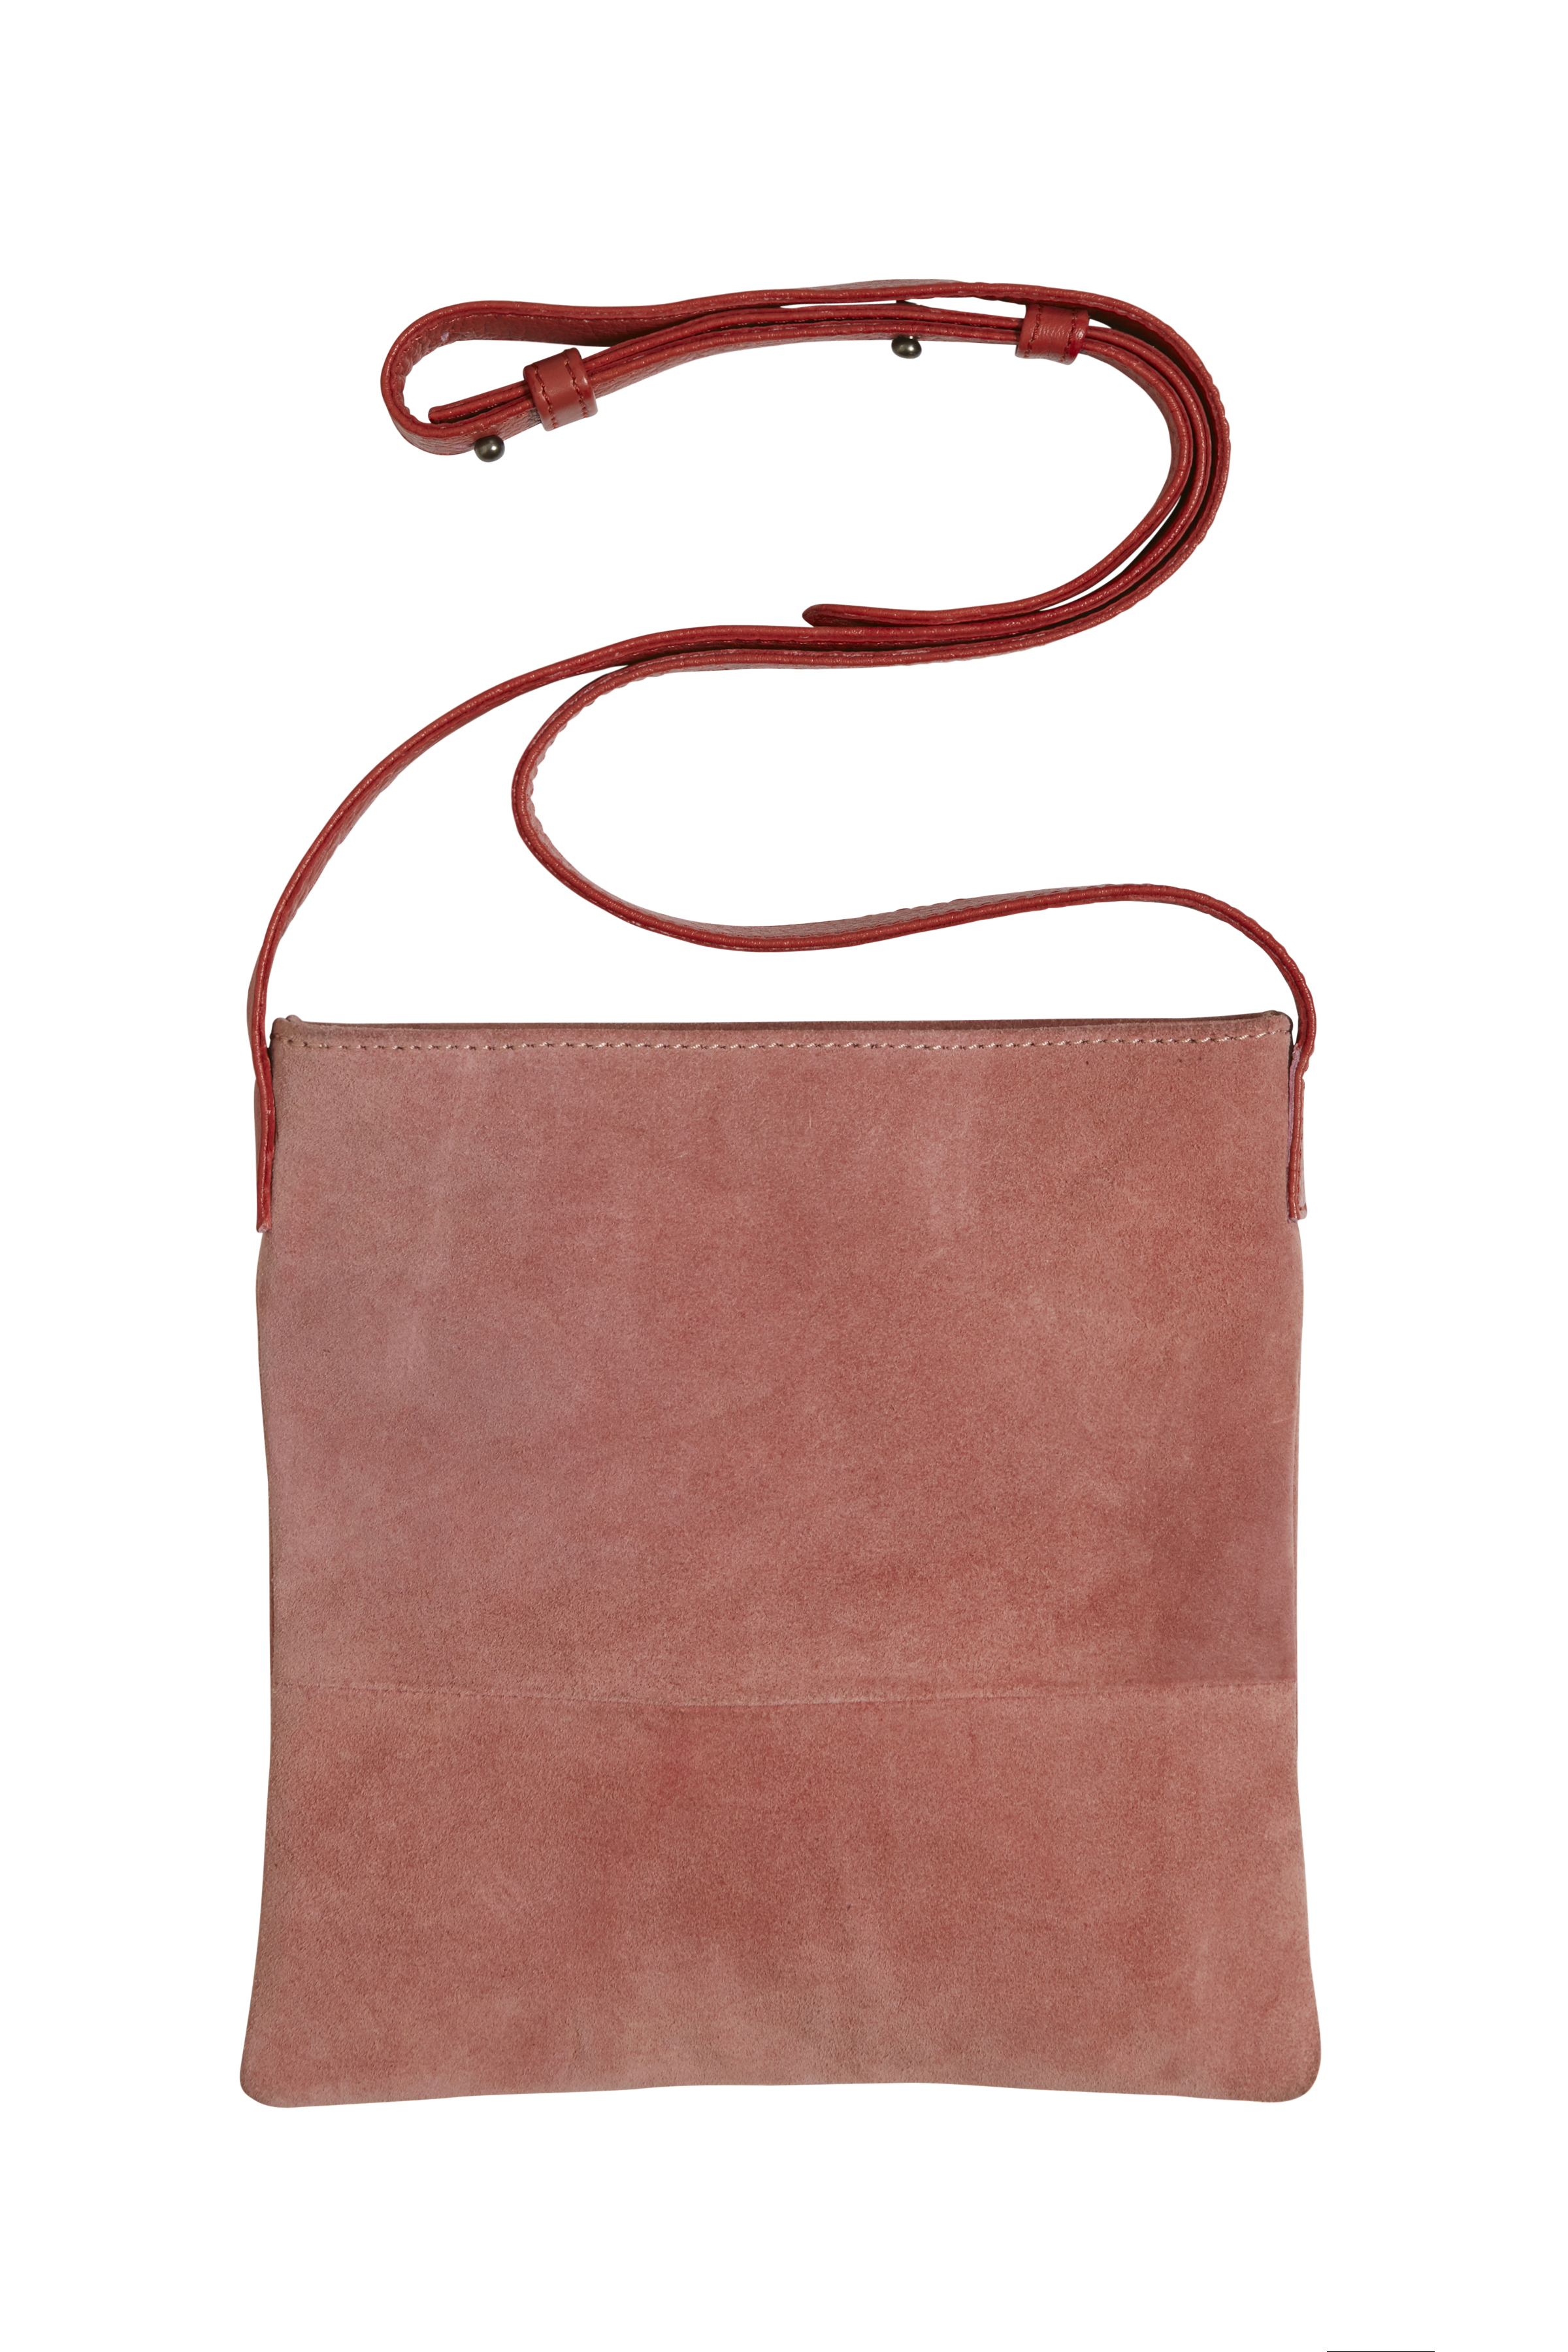 Coral Almond Bag fra Ichi - accessories – Køb Coral Almond Bag fra str. ONE her